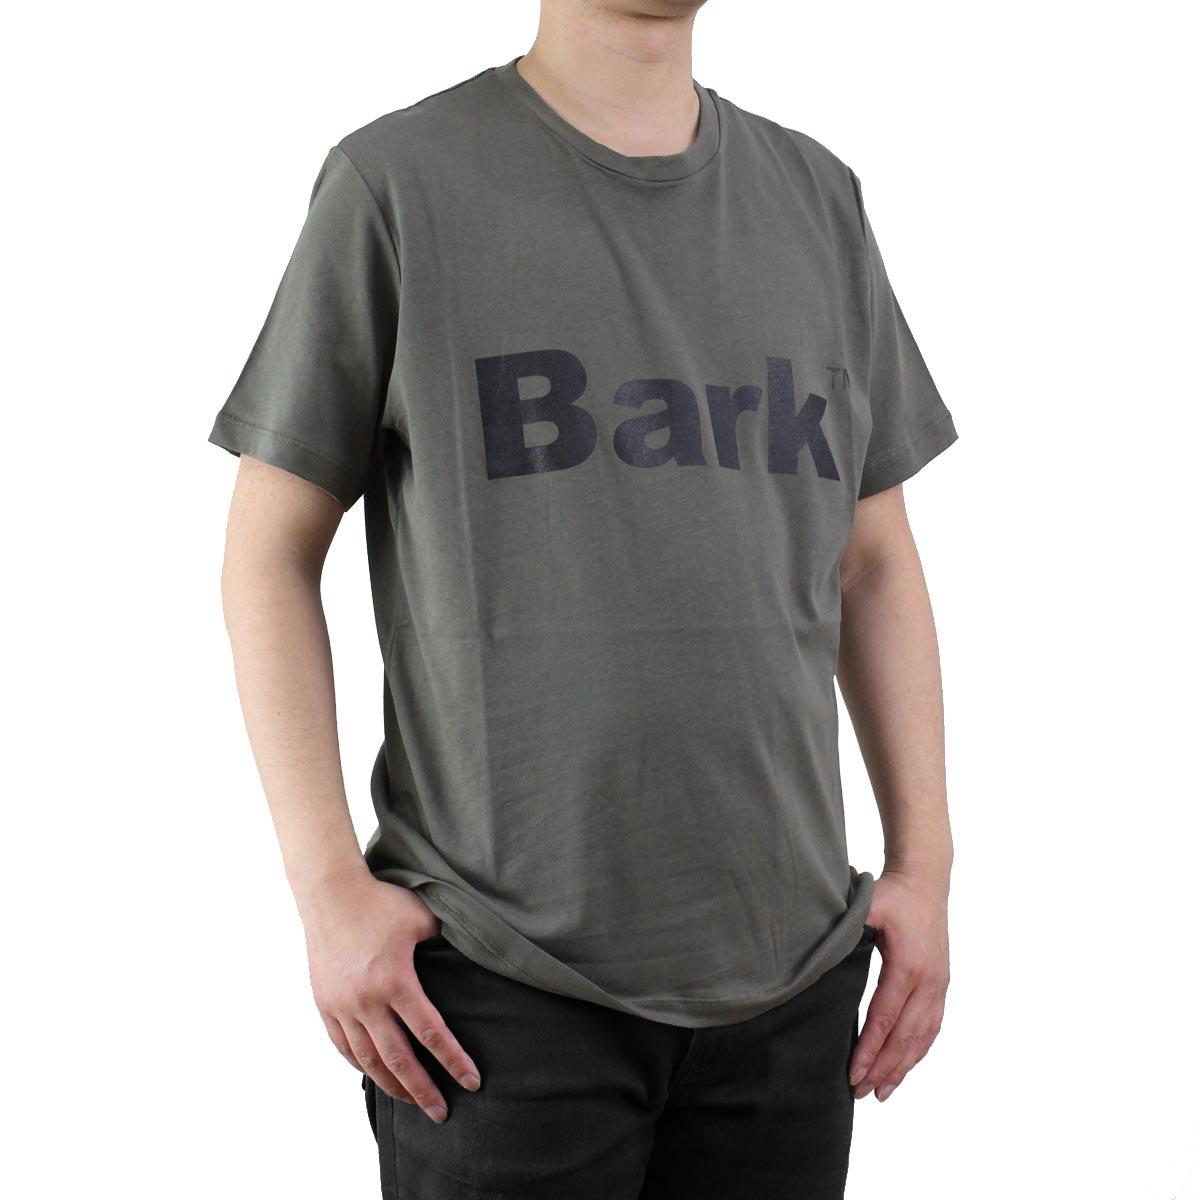 バーク Bark  メンズ クルーネック 半袖 ロゴ Tシャツ 71B8715 272 KHAKI  メンズ ティーシャツ ティーシャツ T shirt OLS-4  ts-01